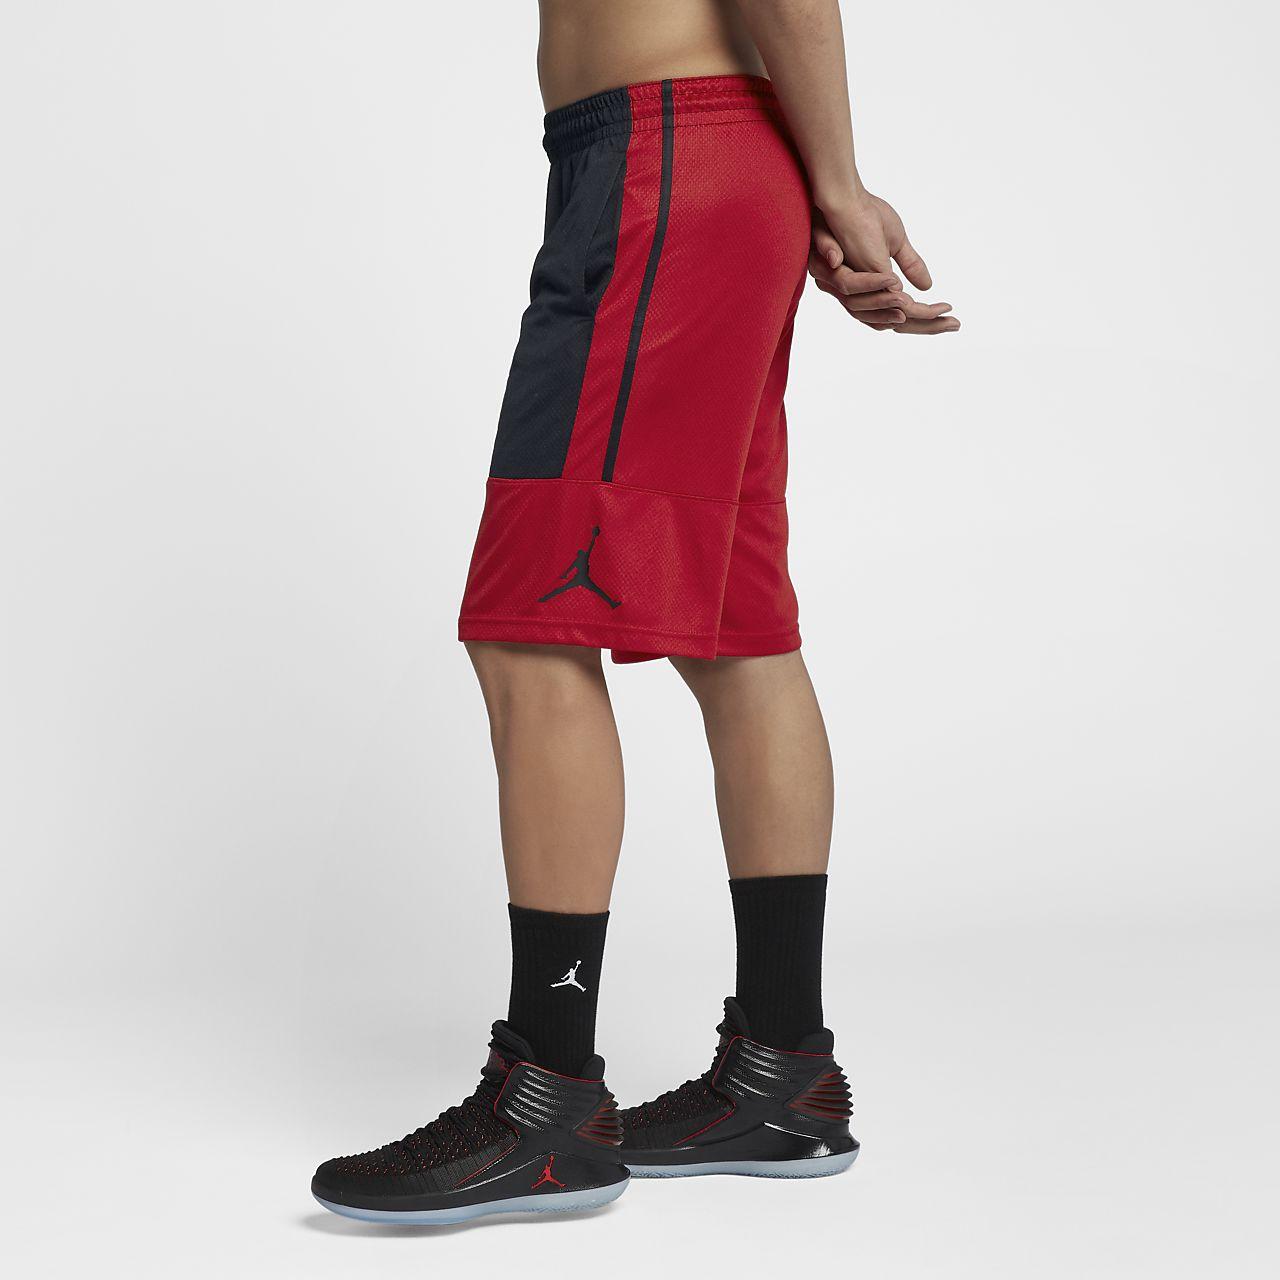 38981bb500df56 ... Low Resolution Jordan Rise Mens Basketball Shorts Jordan Rise Mens  Basketball Shorts  NIKE AIR JORDAN RISE SOLID ...